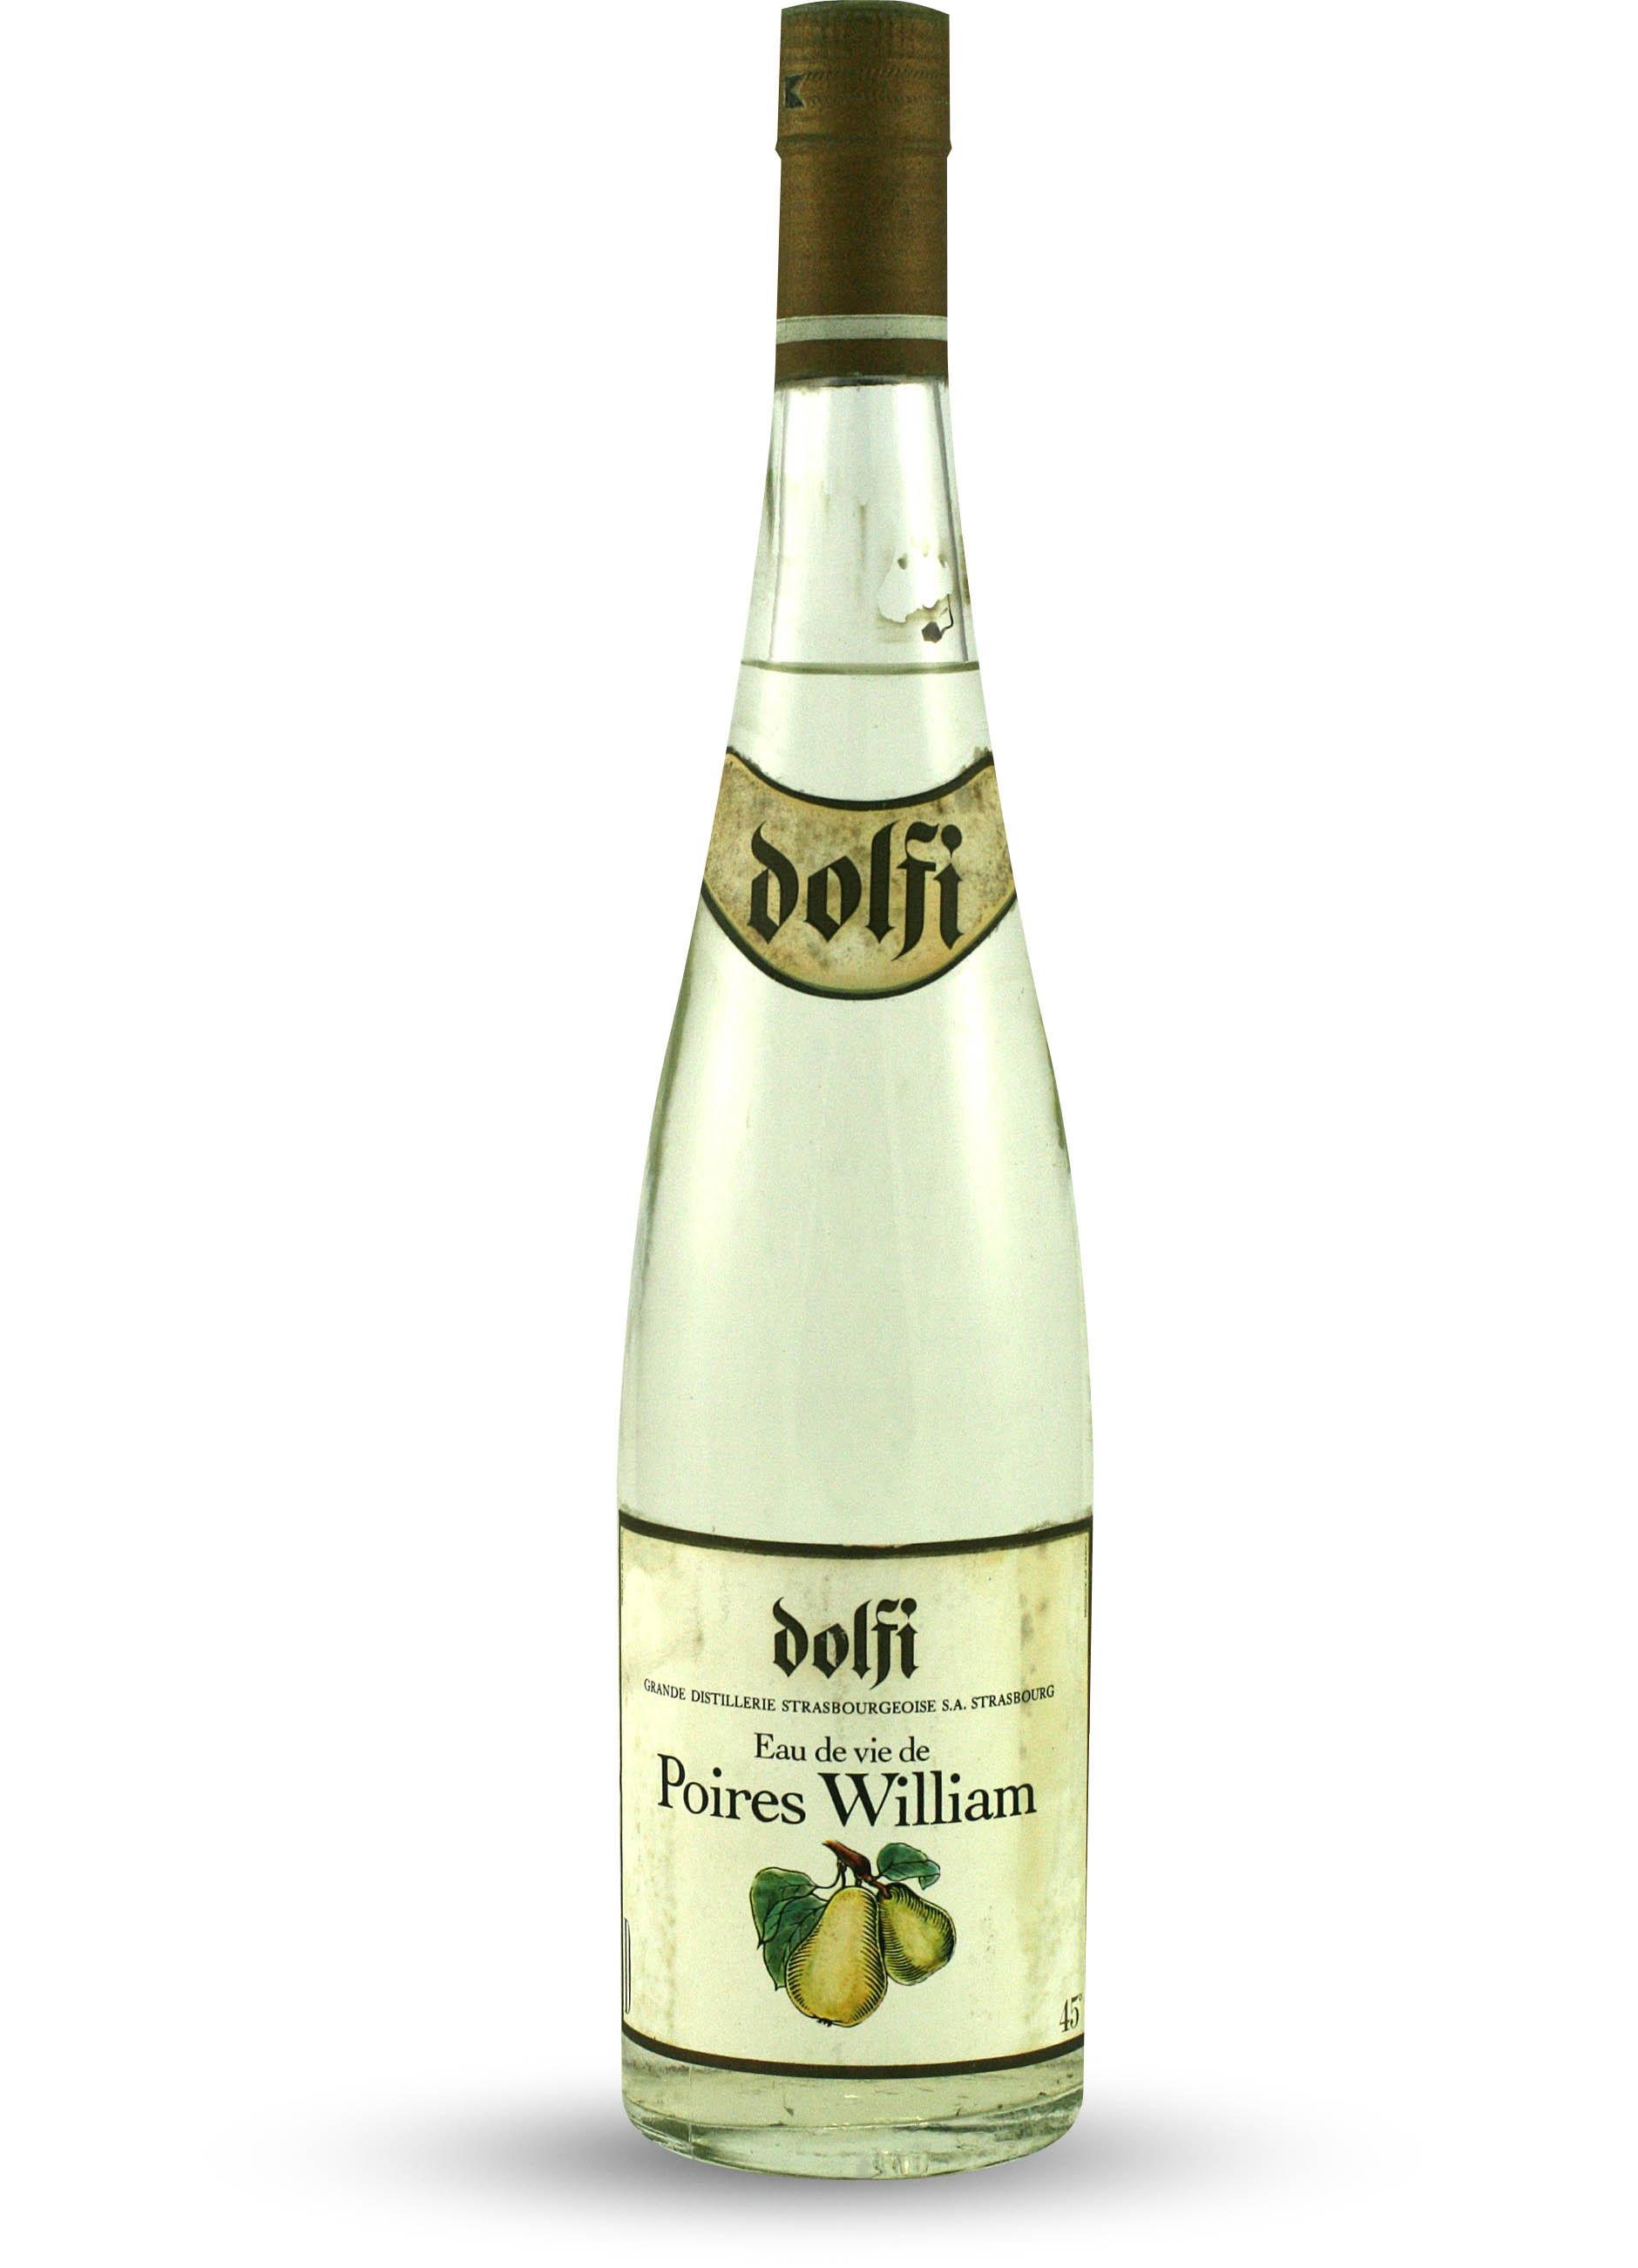 dolfi poires william eau de vie spirits collection exposition universelle des vins et. Black Bedroom Furniture Sets. Home Design Ideas